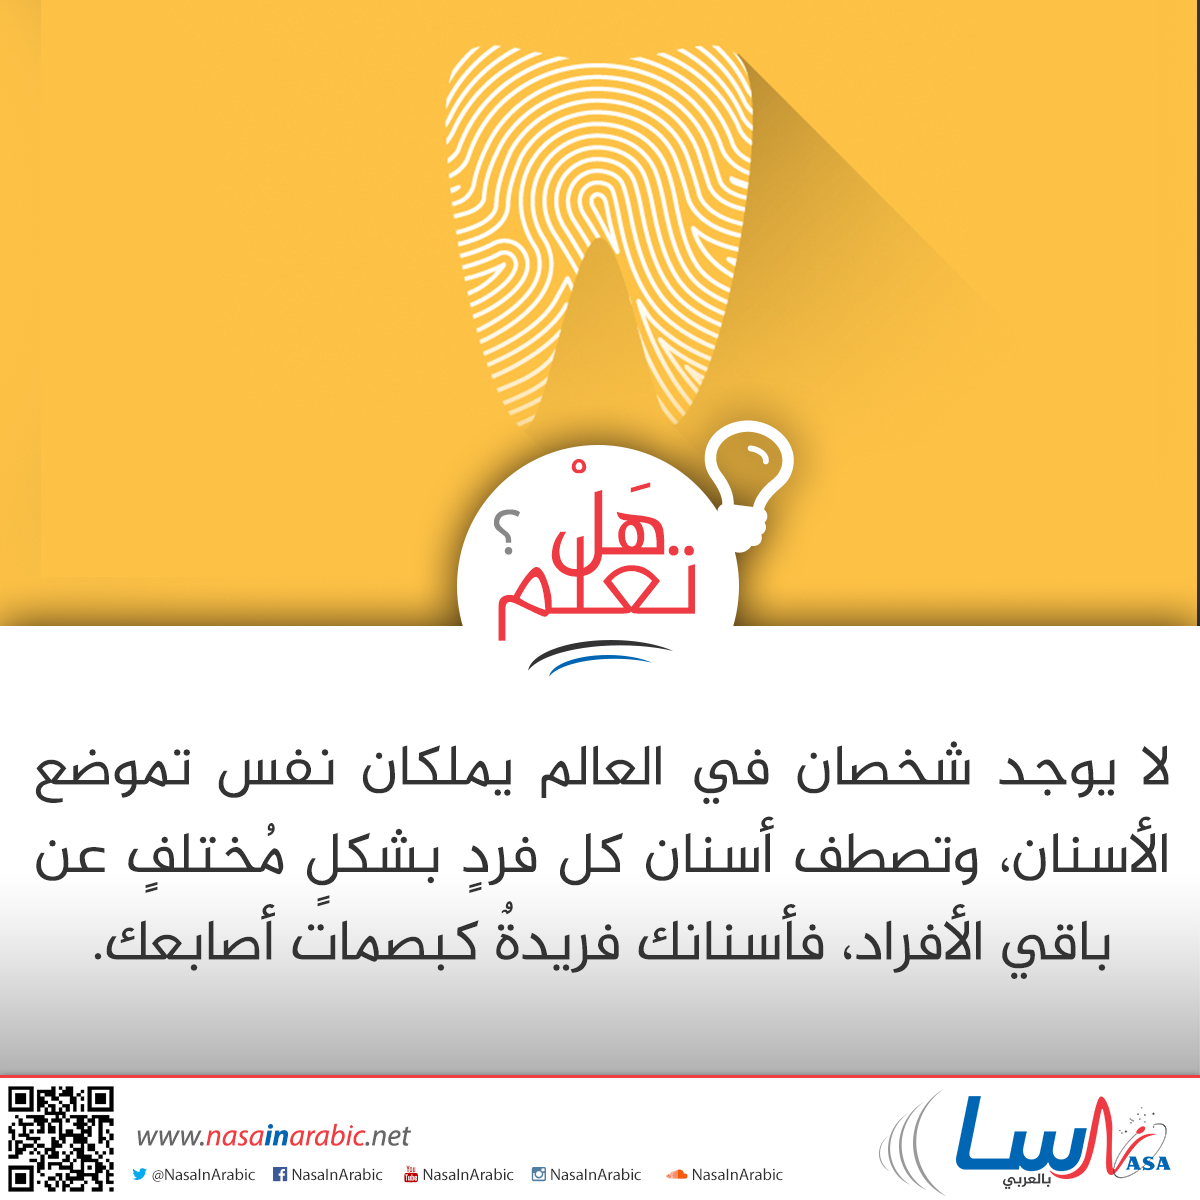 الأسنان كالبصمات